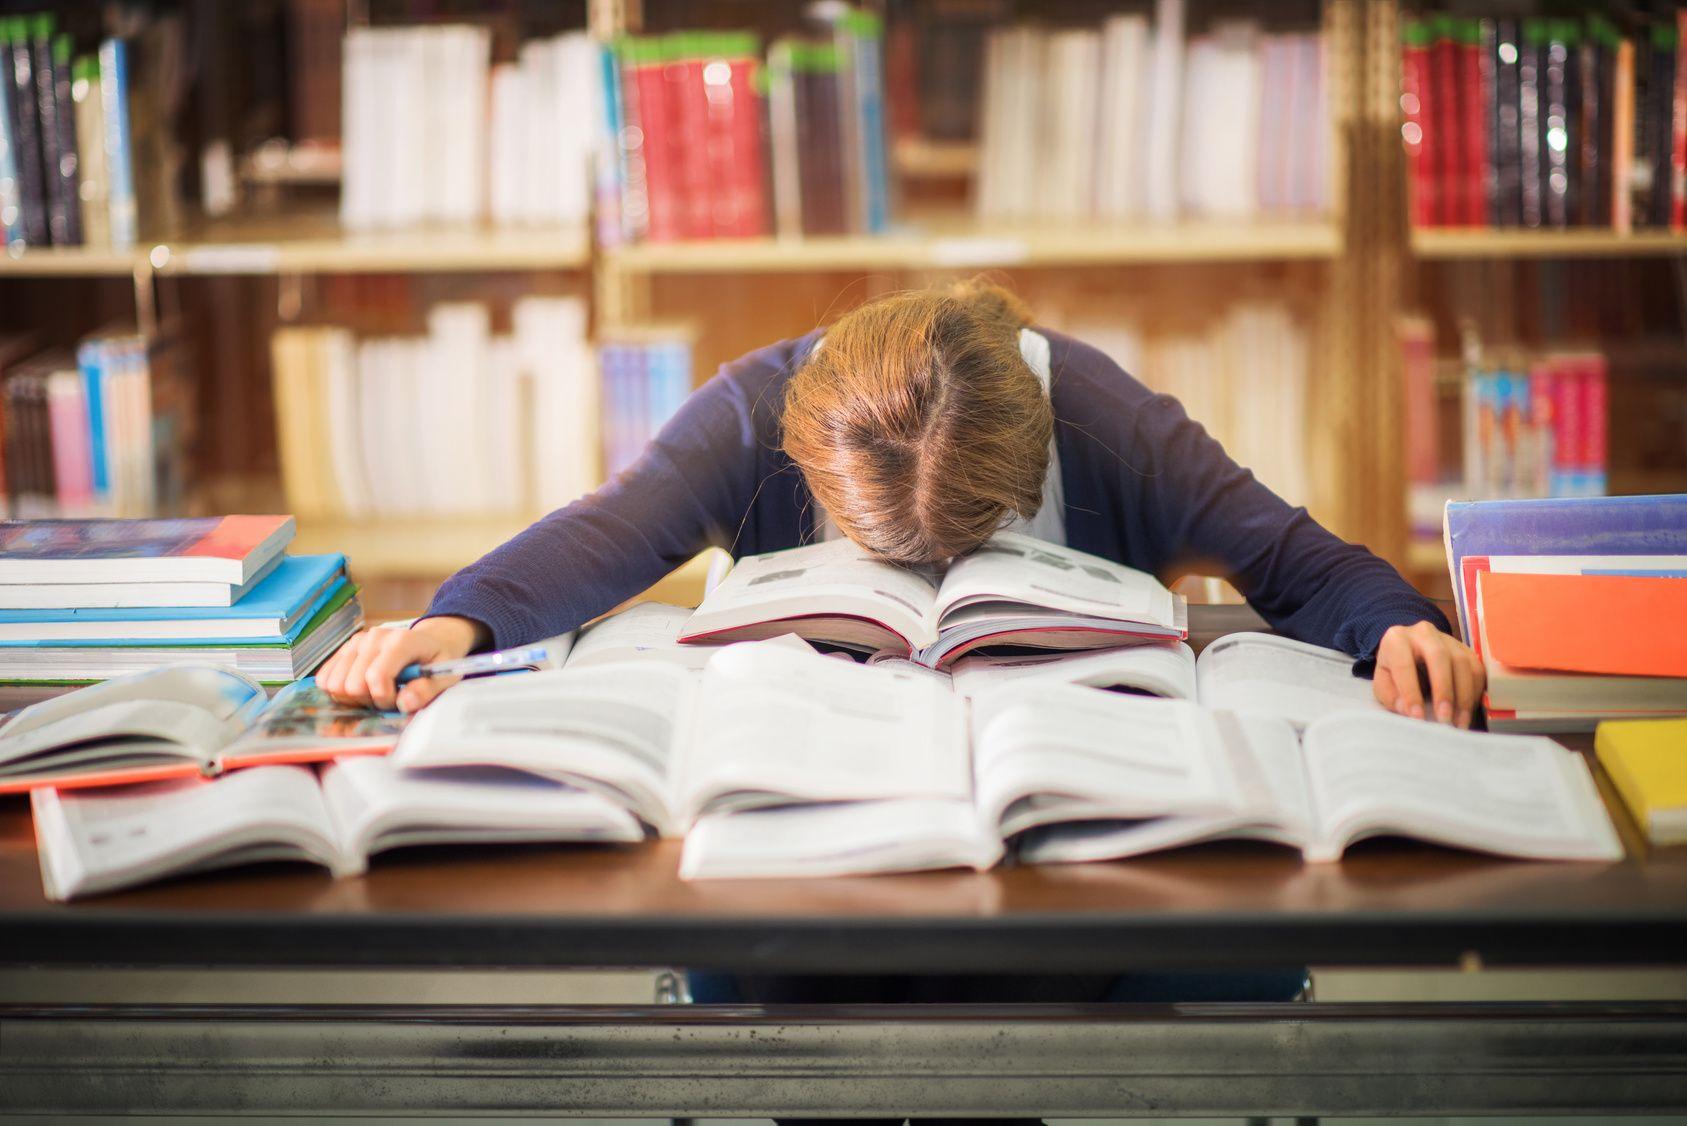 Die Erkenntnisse Deiner Dissertation sind banal? - 5 einfache Fragen helfen